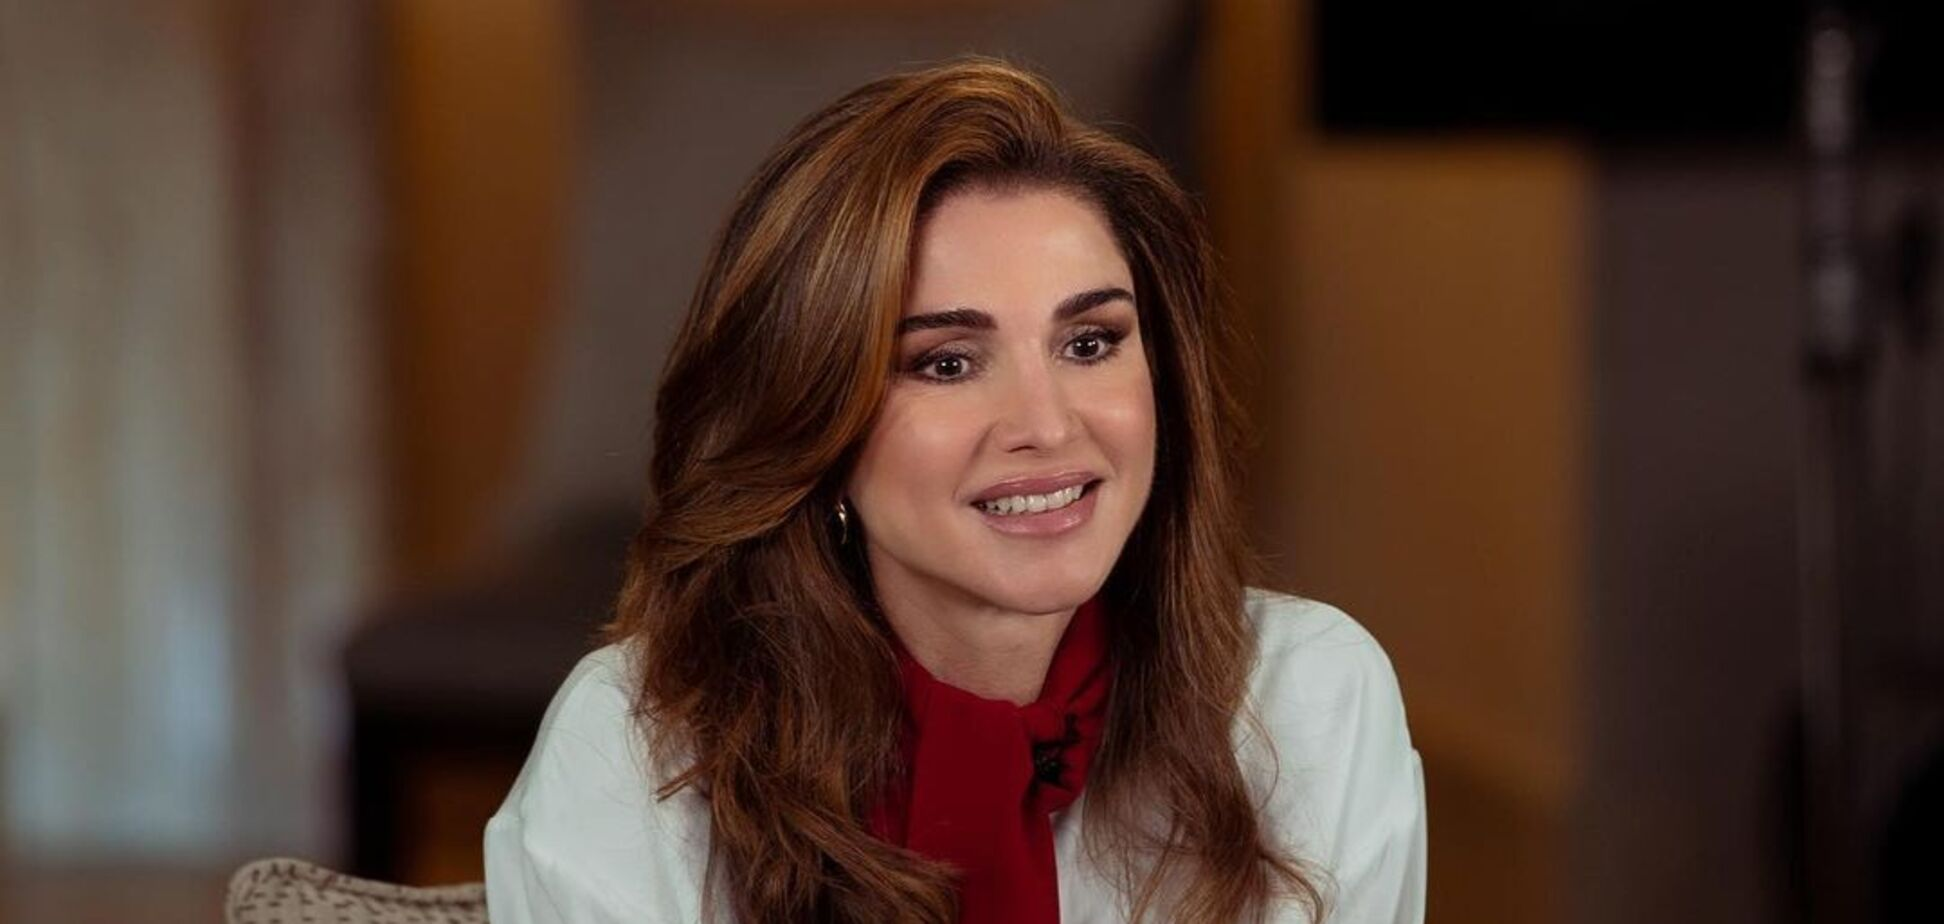 Королева Йорданії Ранія аль-Абдулла